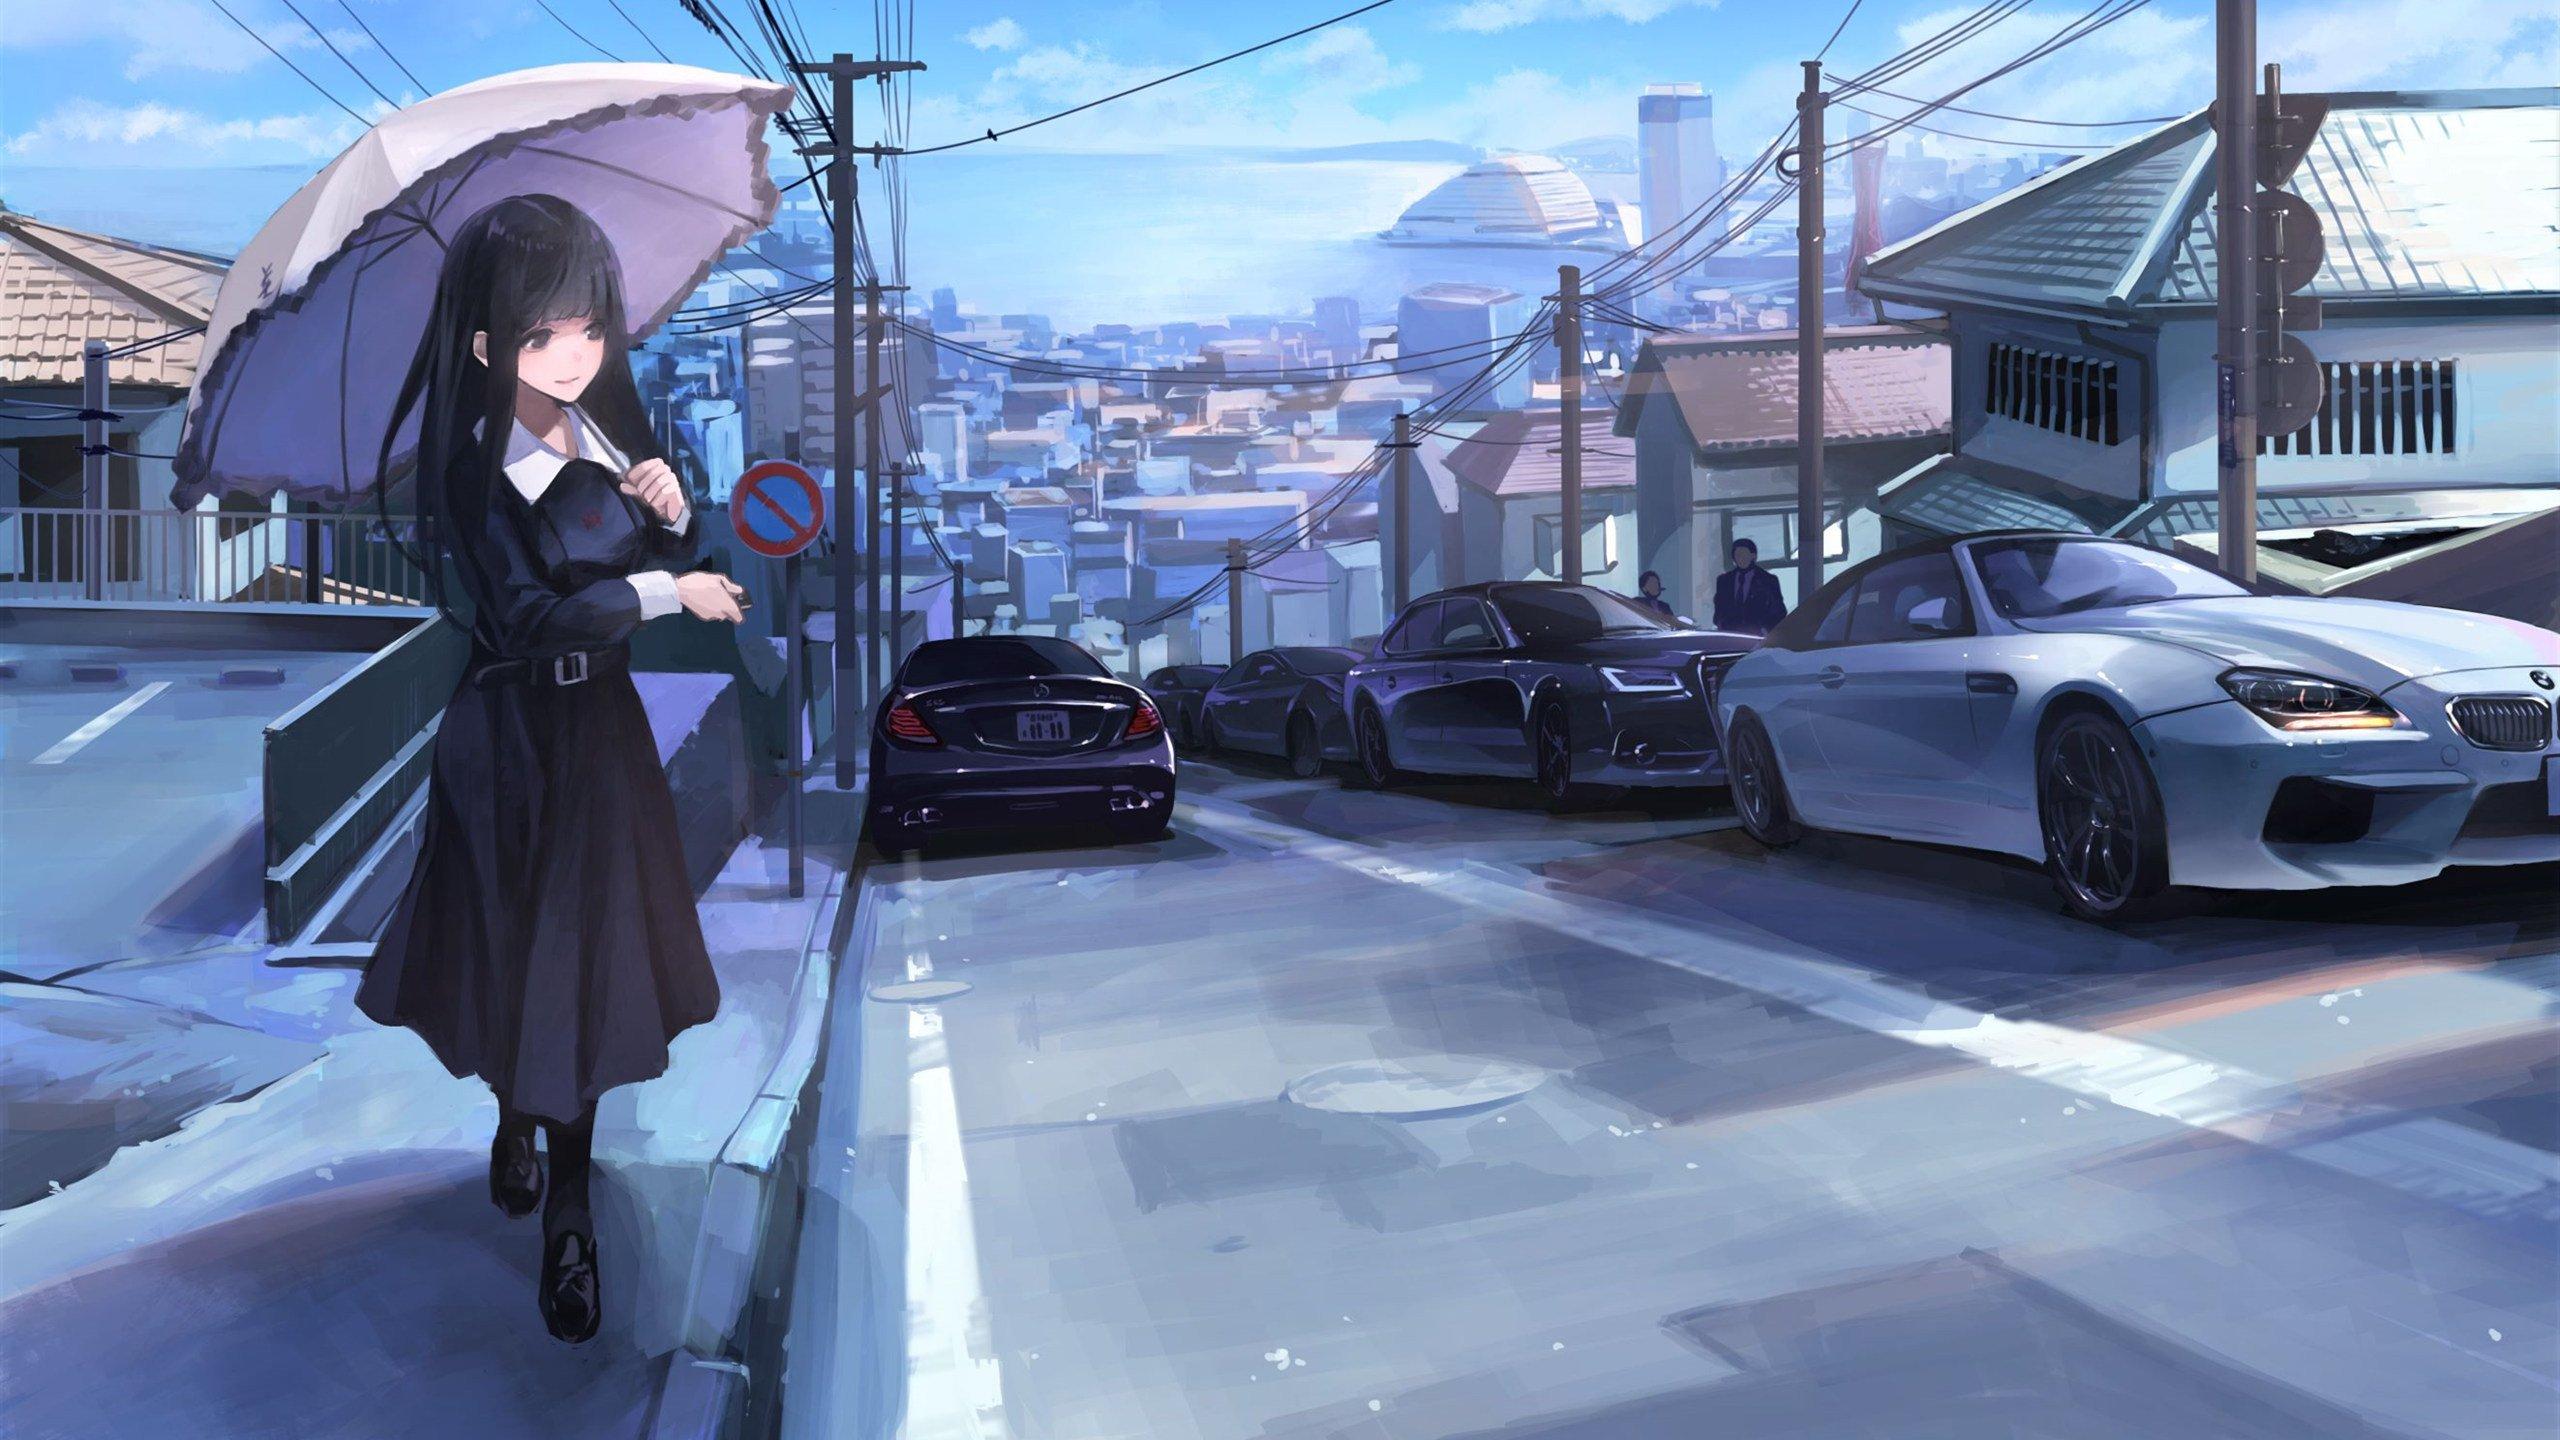 女孩 打伞 遮阳伞 城市 汽车 黑裙女孩唯美动漫壁纸,高清动漫电脑桌面壁纸插图